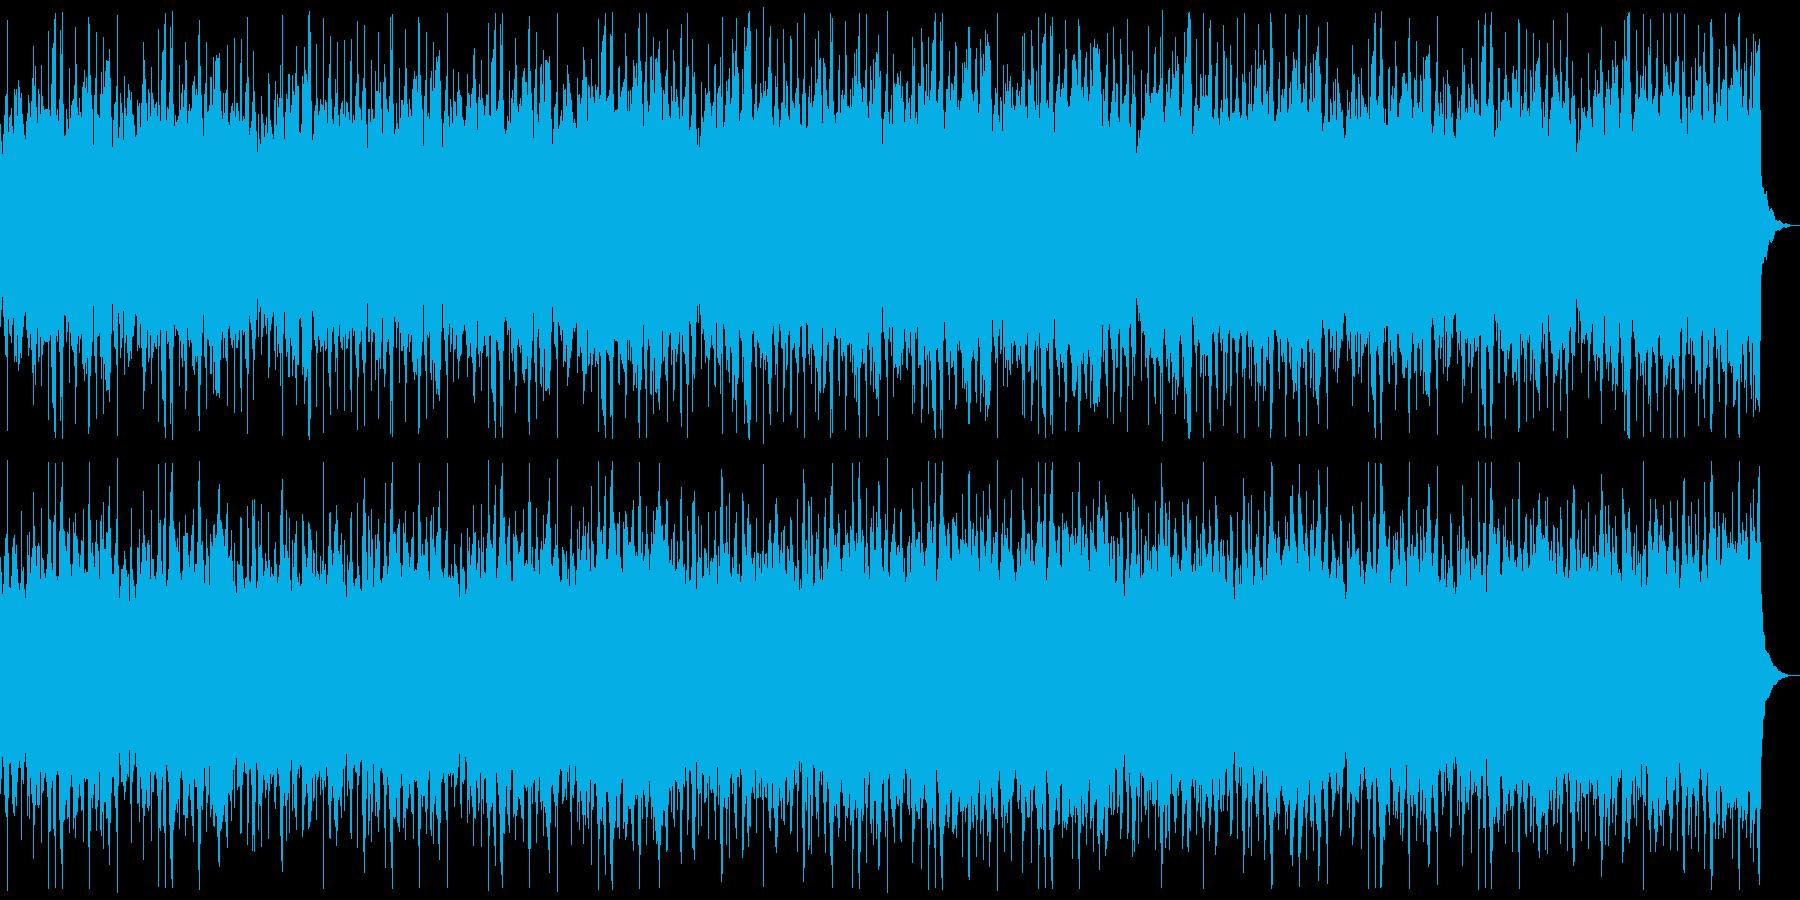 ザダーク ホラーなストリングス 金物抜きの再生済みの波形